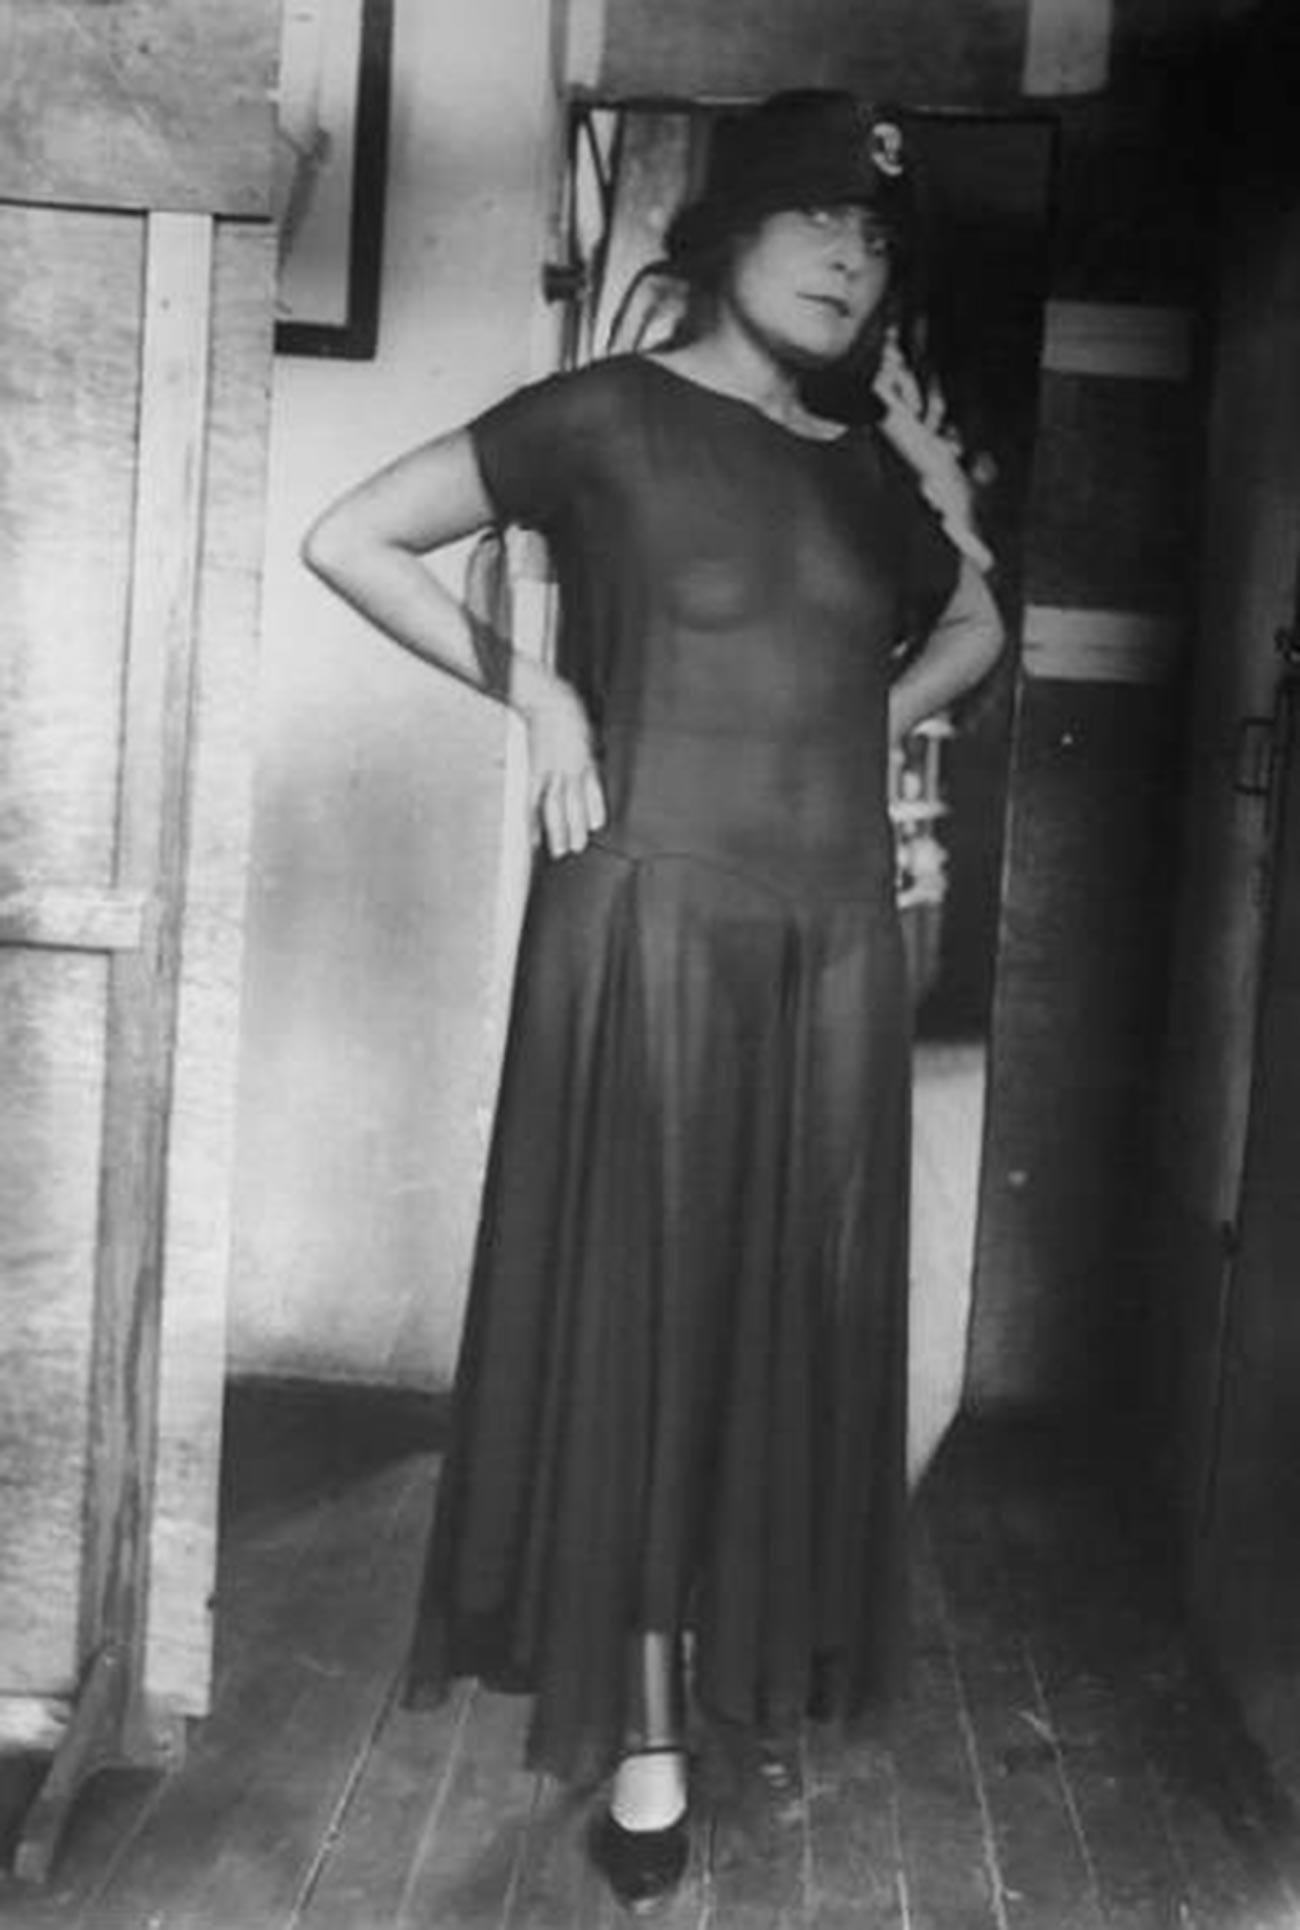 Muza pjesnika Vladimira Majakovskog Ljilja Brik u prozirnoj haljini, 1924.